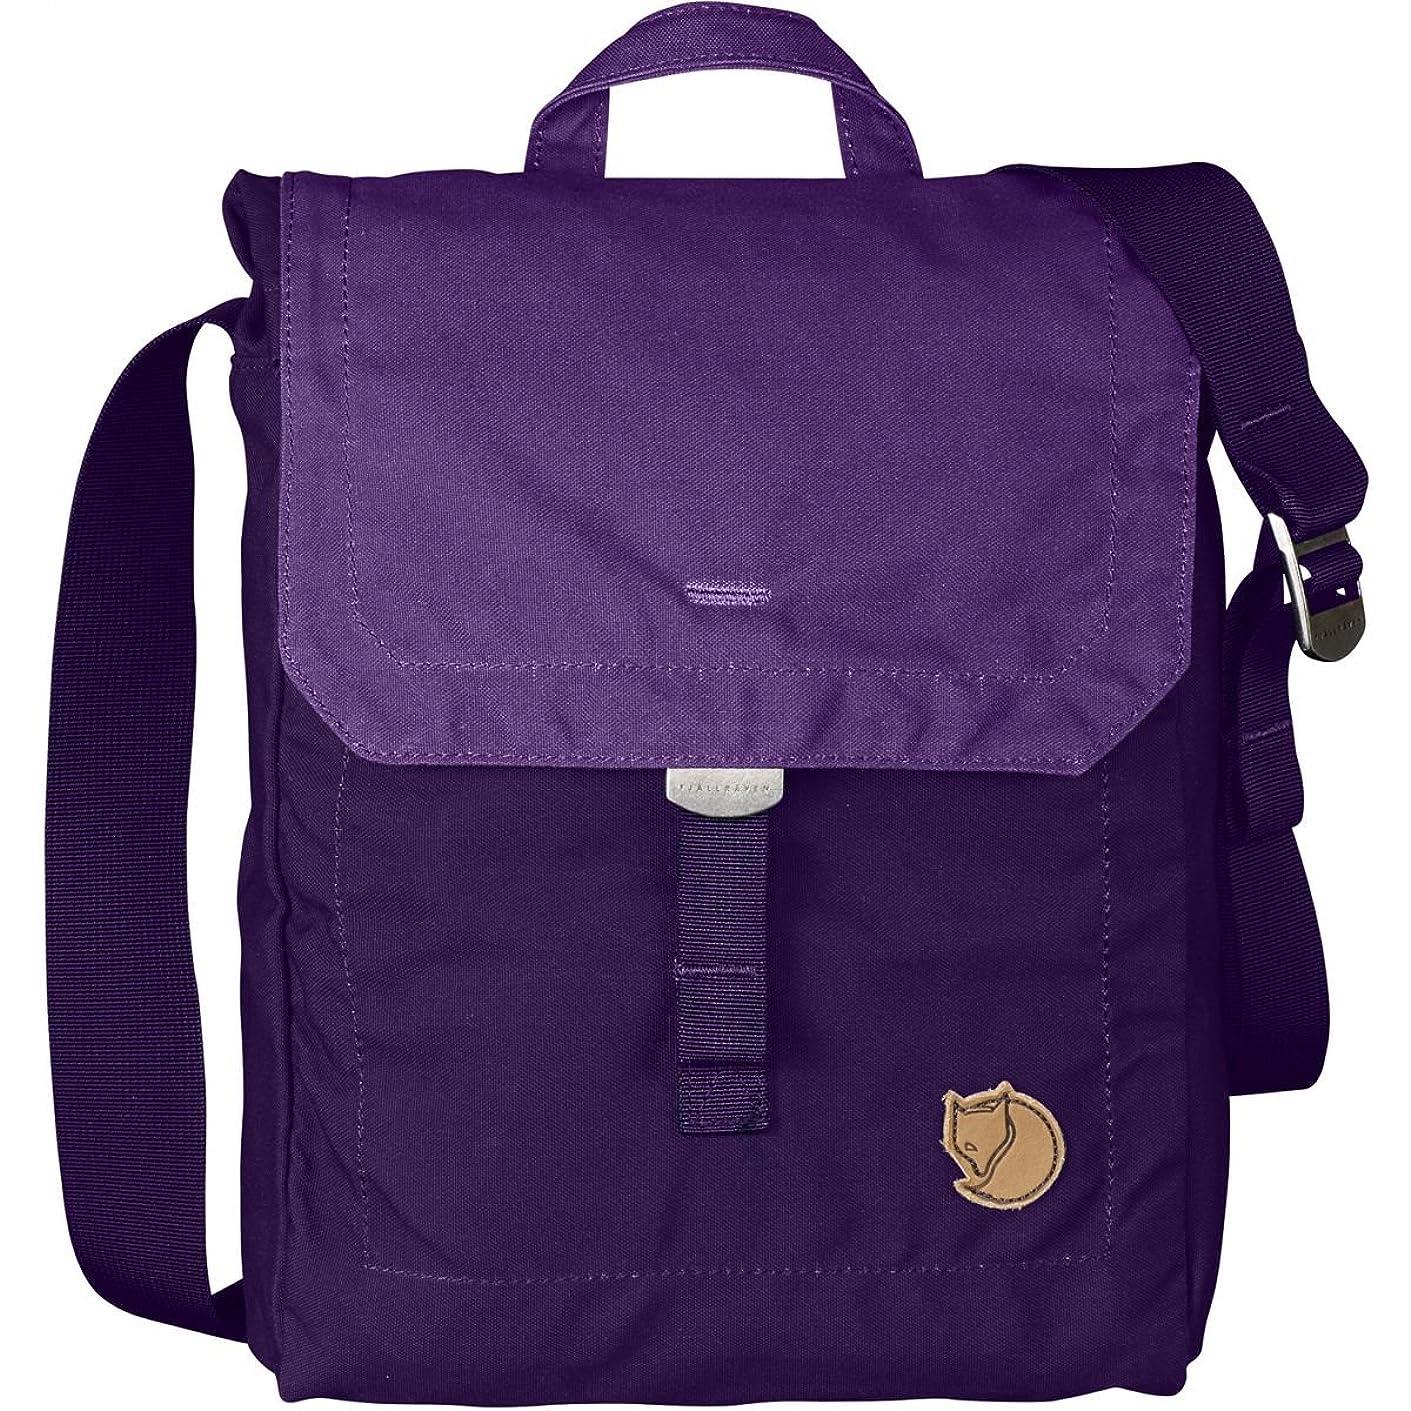 アノイウェーハ娘Fj?llr?ven2018カジュアルデイパック、45 cm、30リットル、パープル(Alpine Purple-Amethyst)